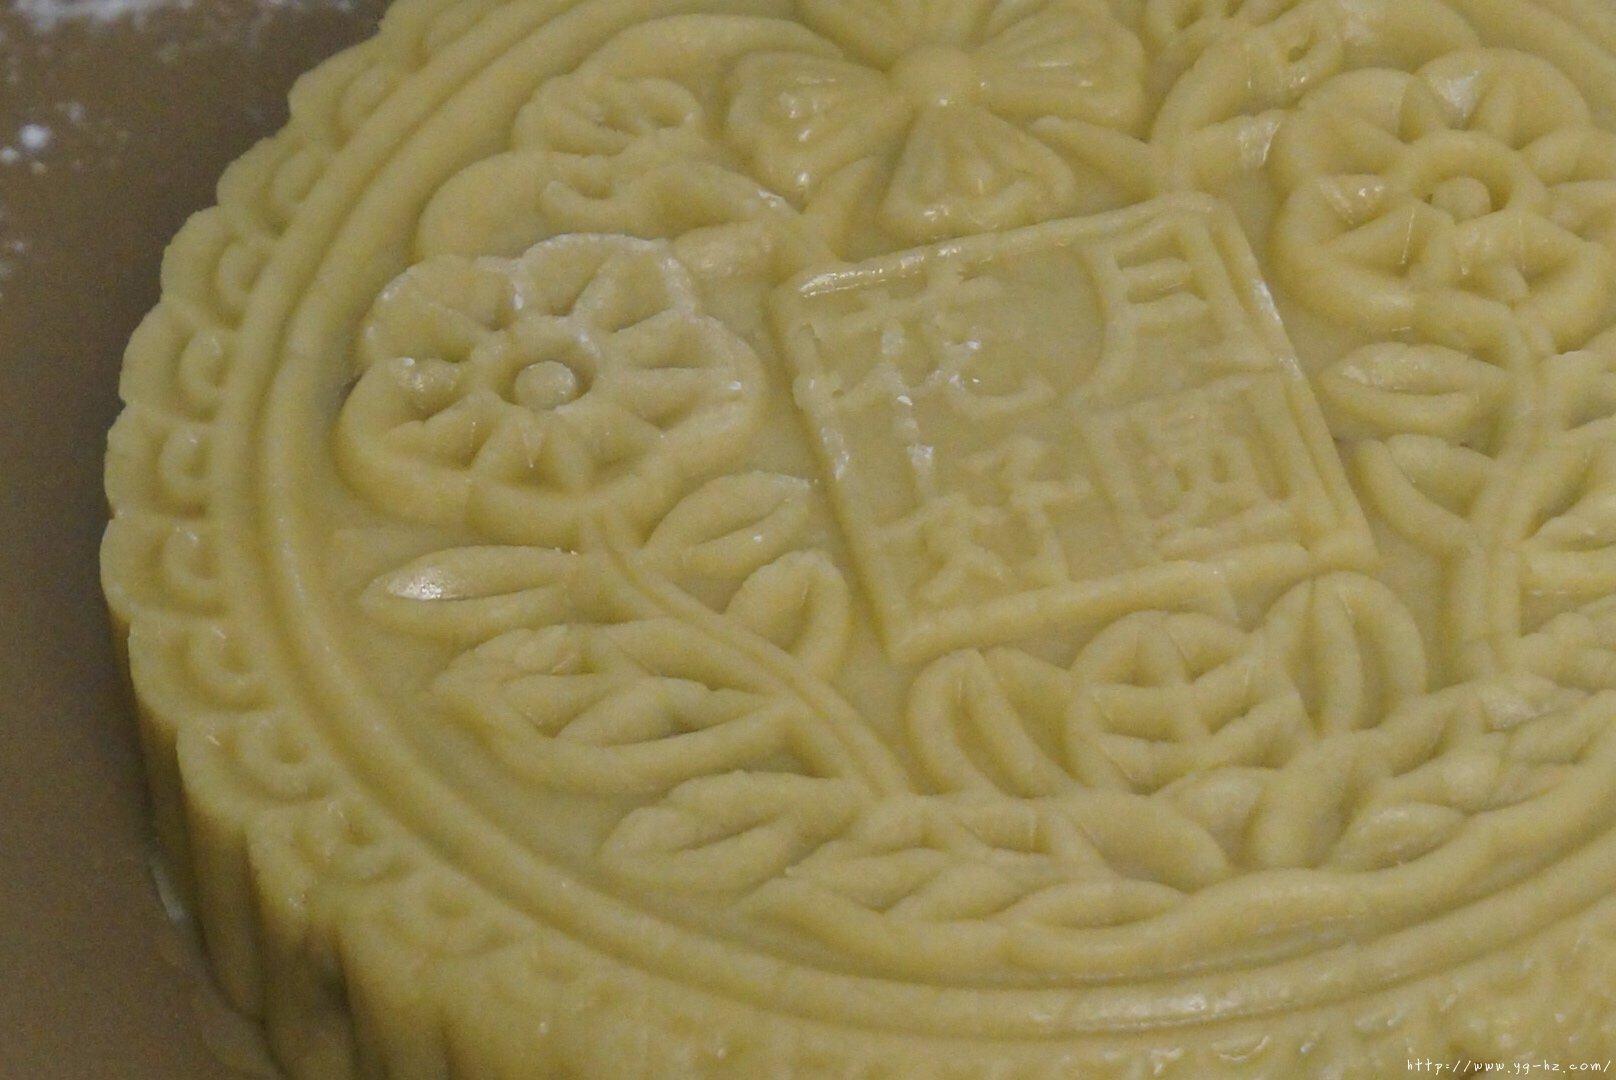 中秋月饼之比脸大的大月饼——全家团圆分享的做法 步骤16